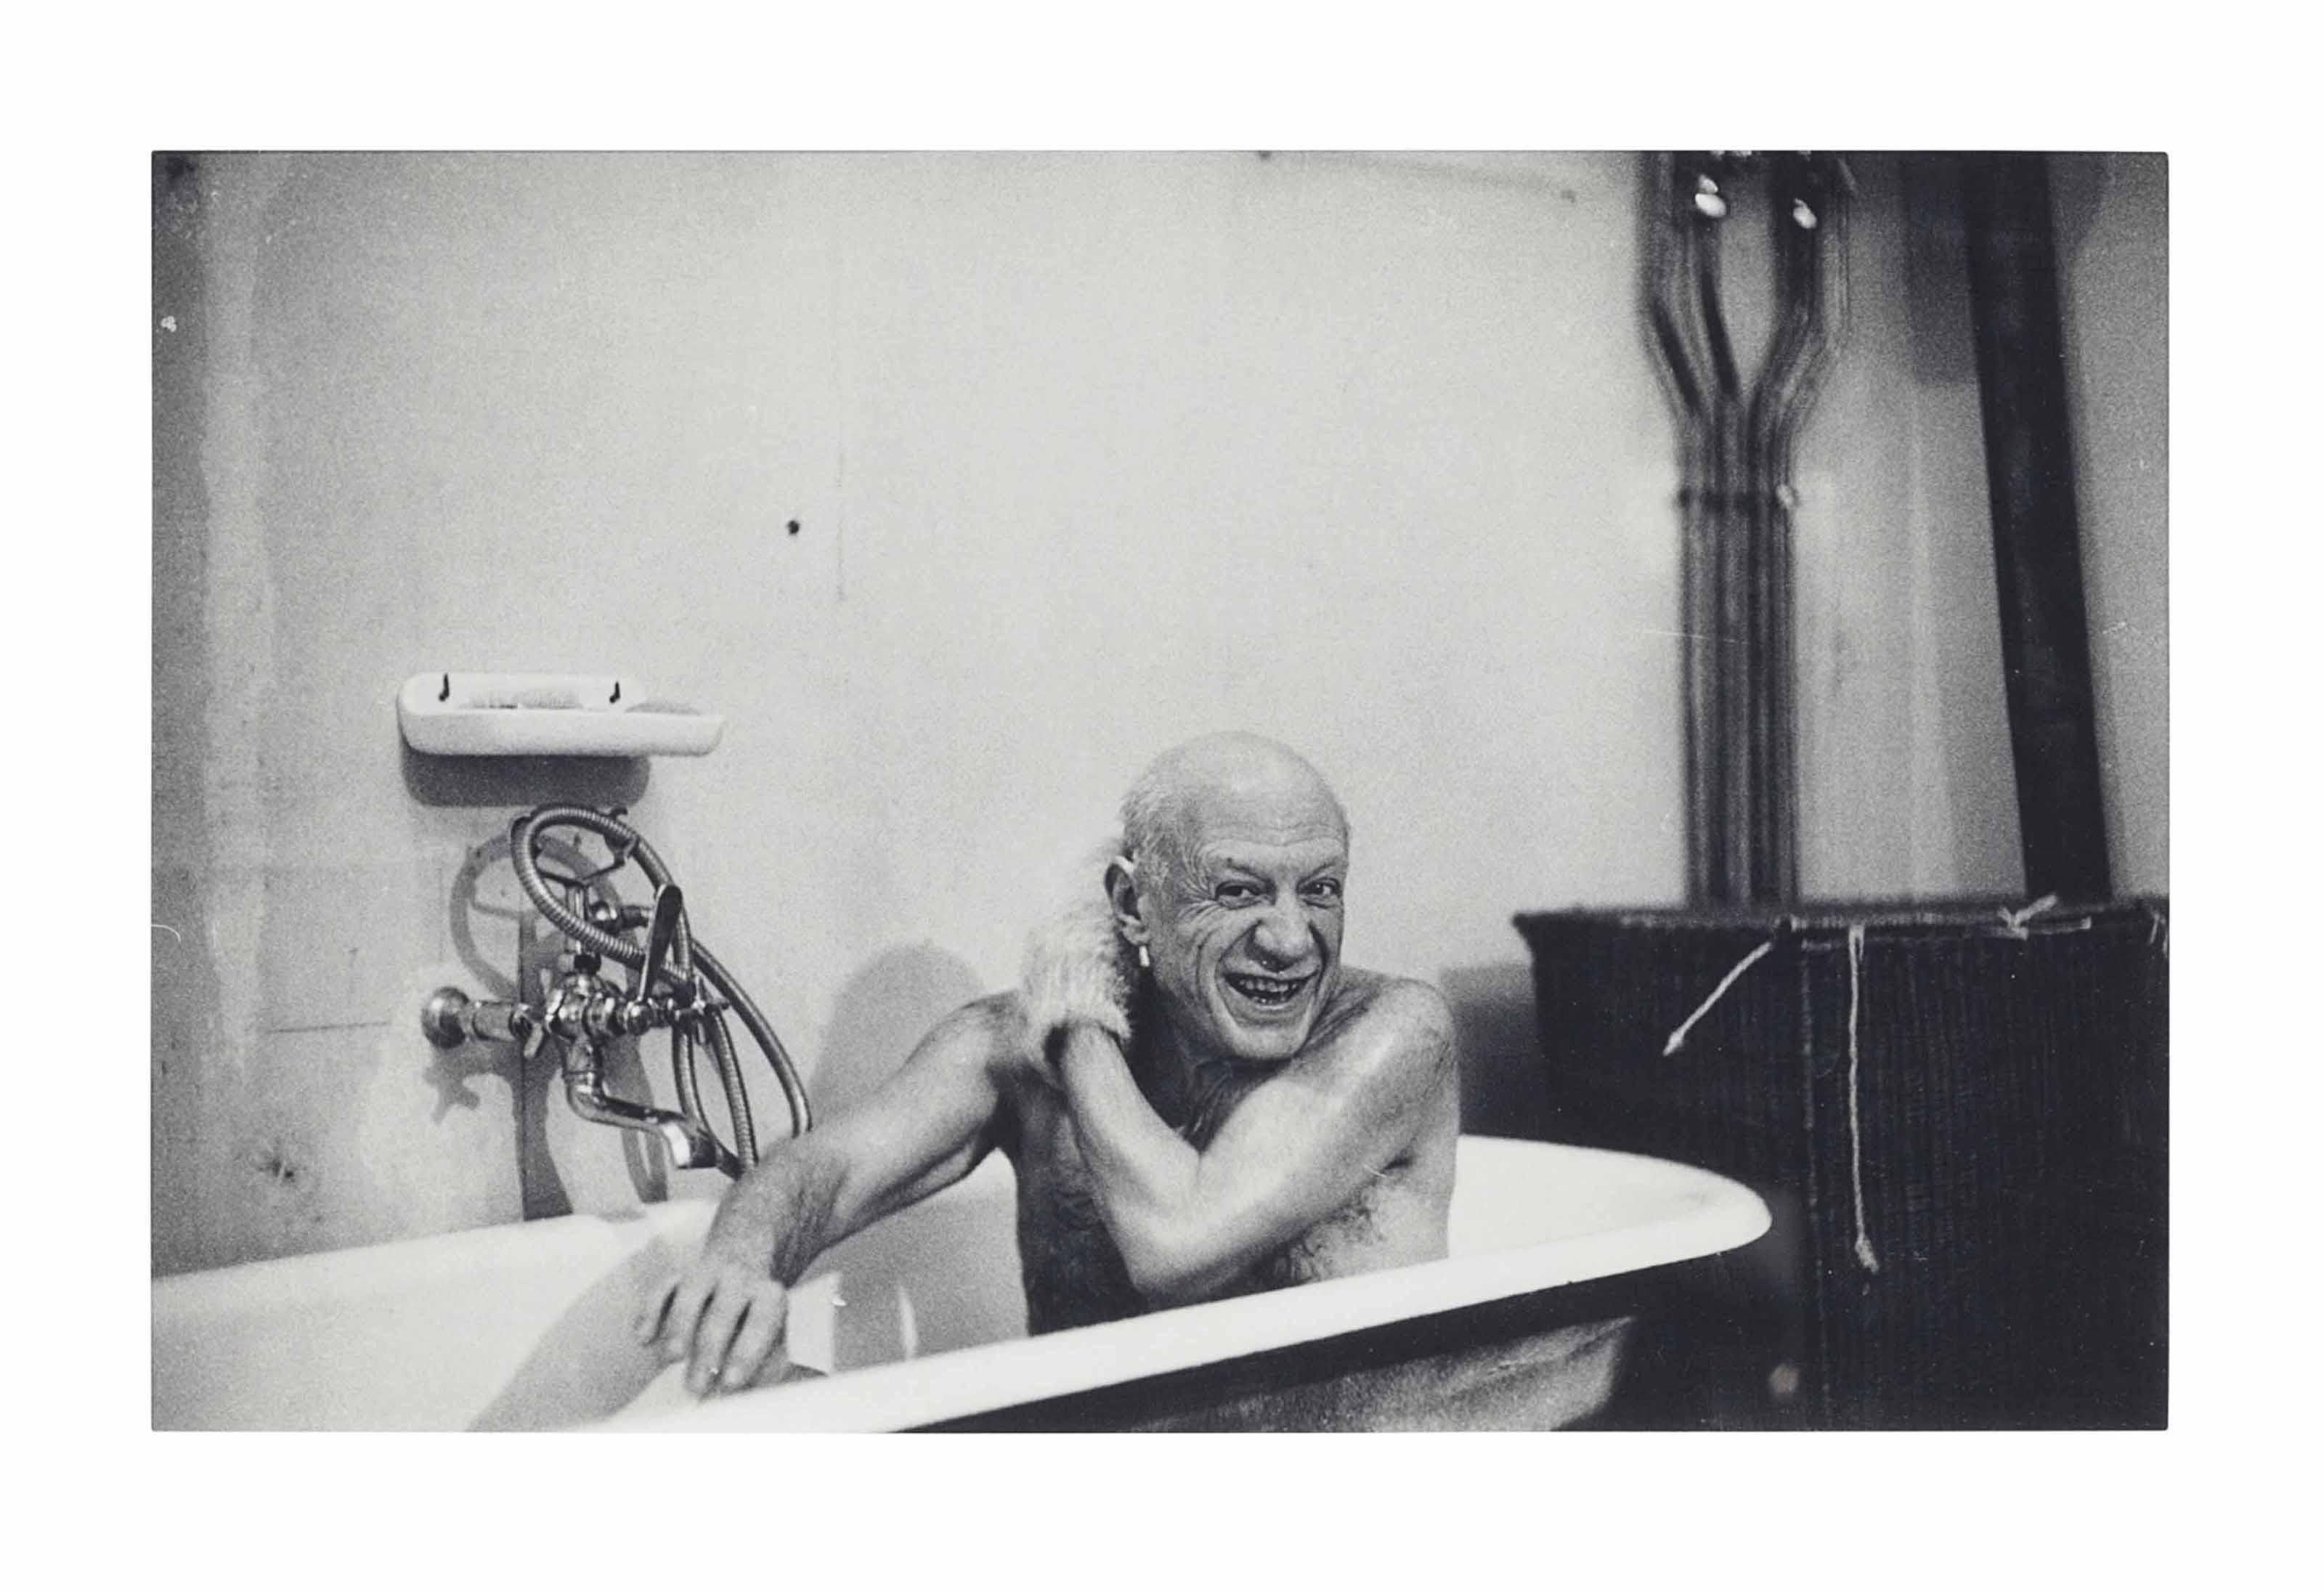 Picasso in bathtub, Villa La Californie, Cannes, 8 February 1956